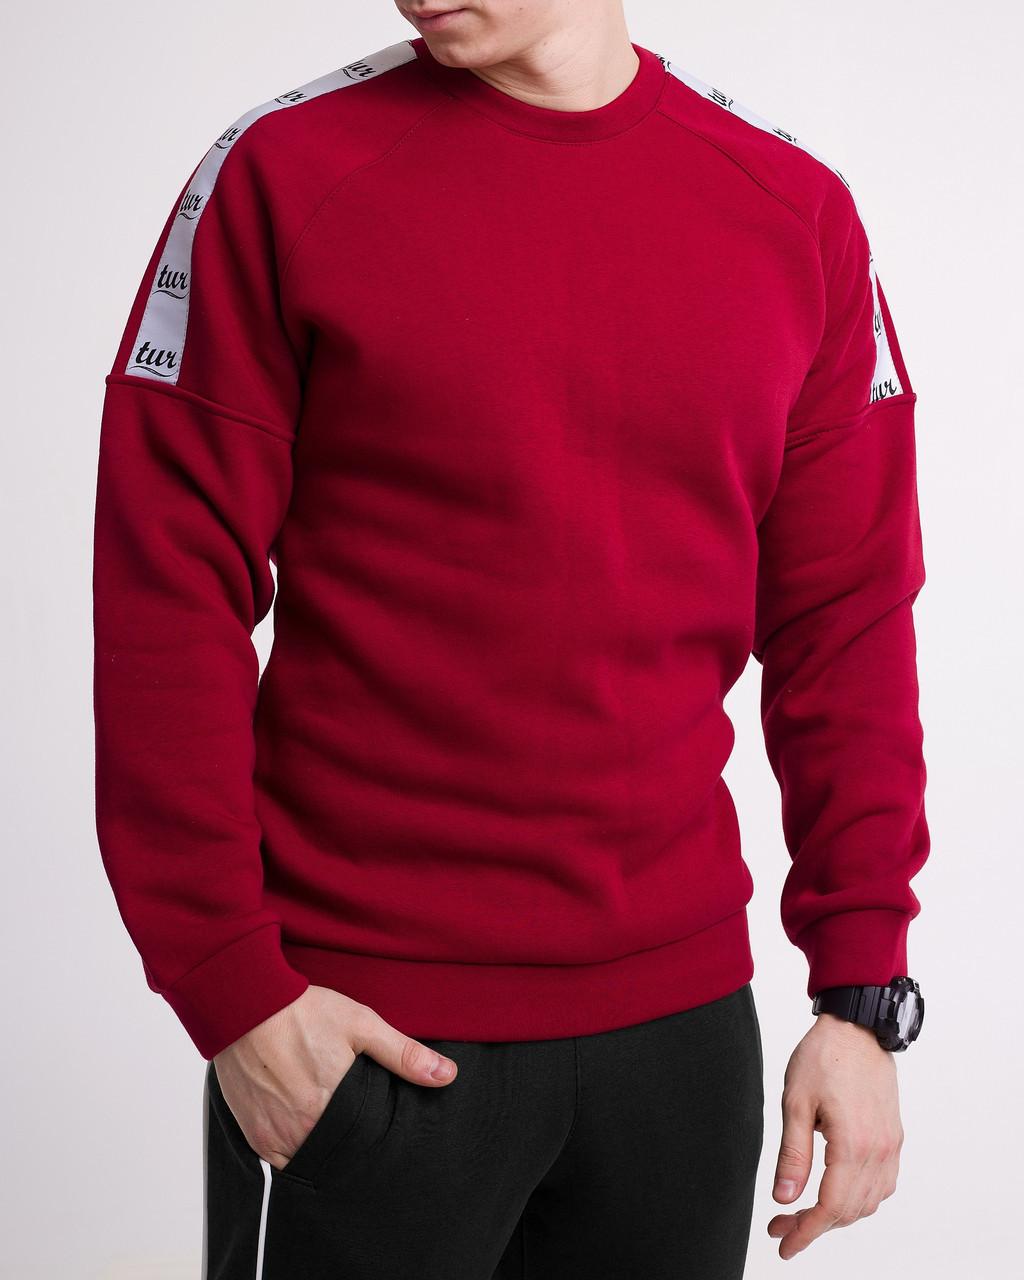 Зимний свитшот реглан мужской бордовый с лампасом от бренда ТУР Сайбот (Saibot ) размер S, M, L, XL